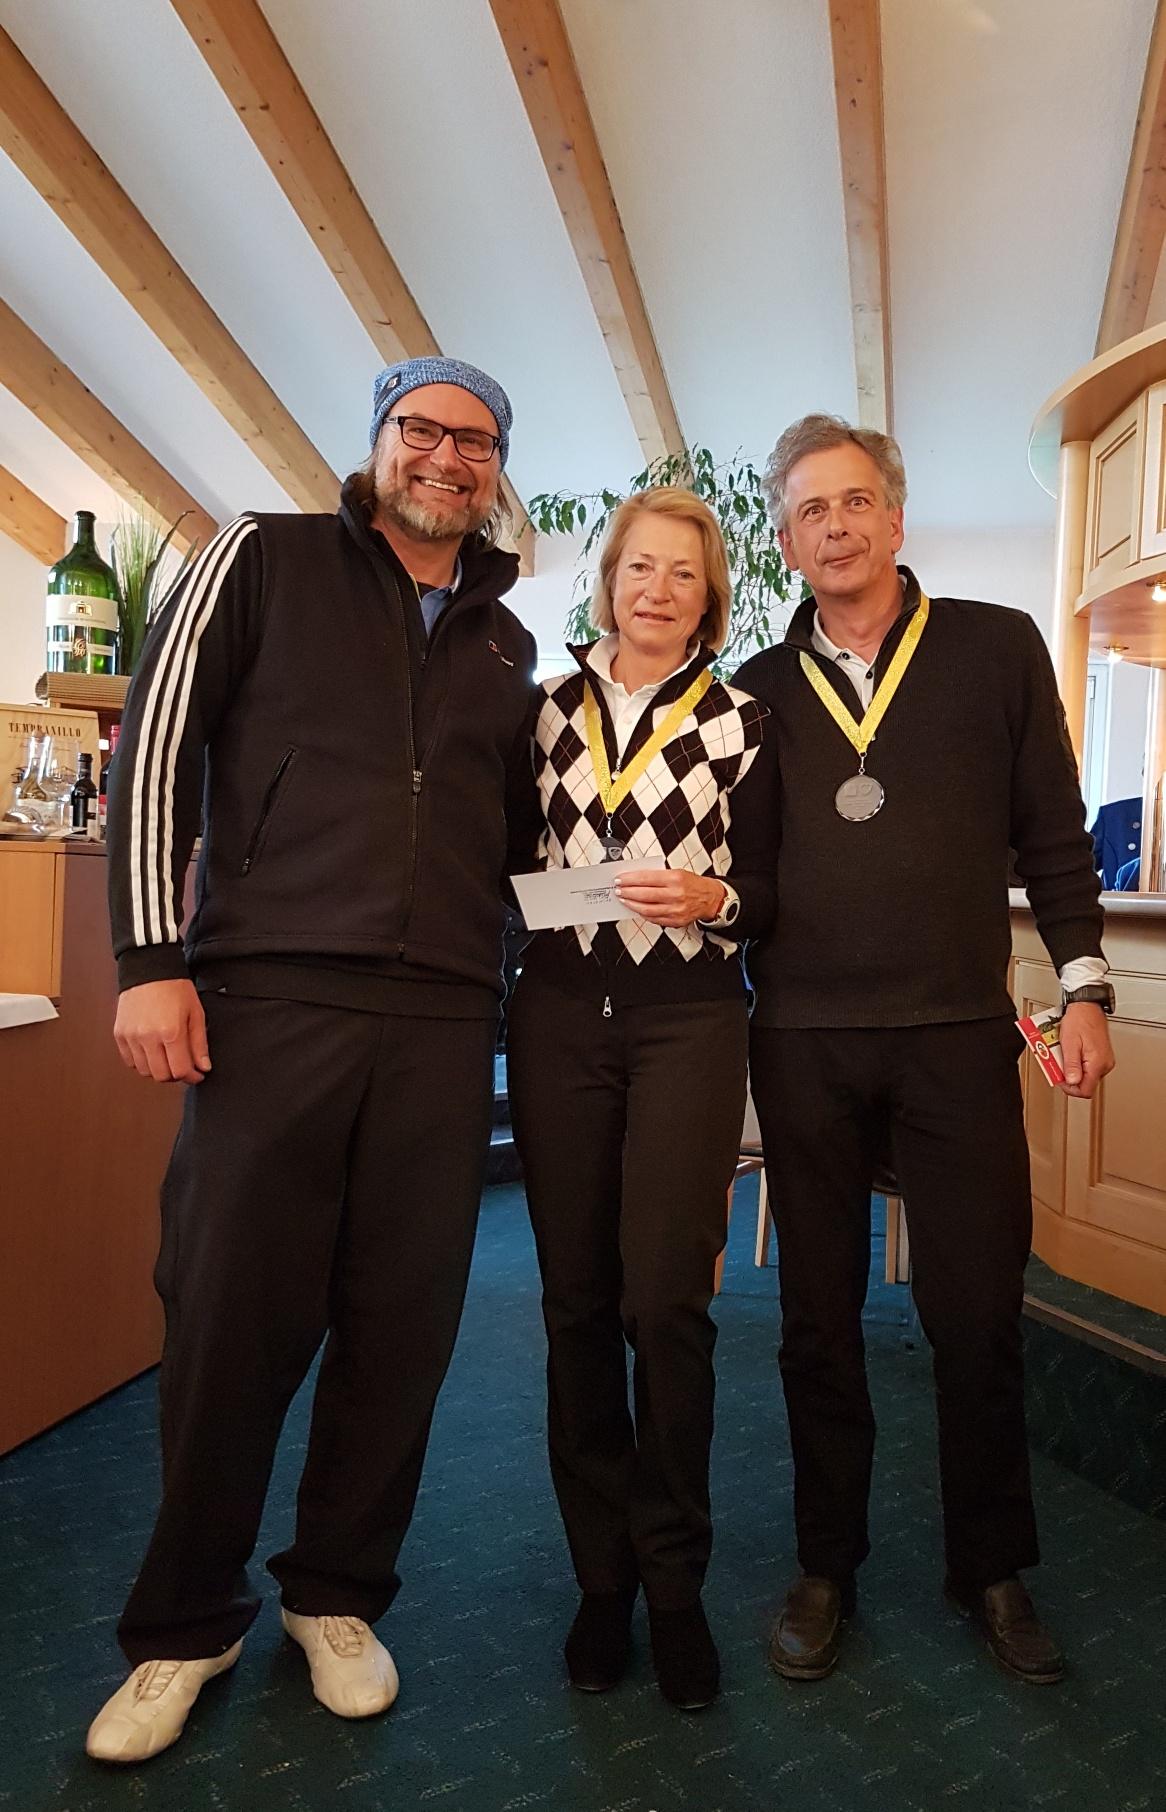 Ein super Ergebnis spielten die Doktoren Angelika und Joachim Haage. Sie erzielten einen Netto-Score von 47 Punkten. Das freute Michael Reiher (links), Spielführer im GC Reutlingen-Sonnenbühl.